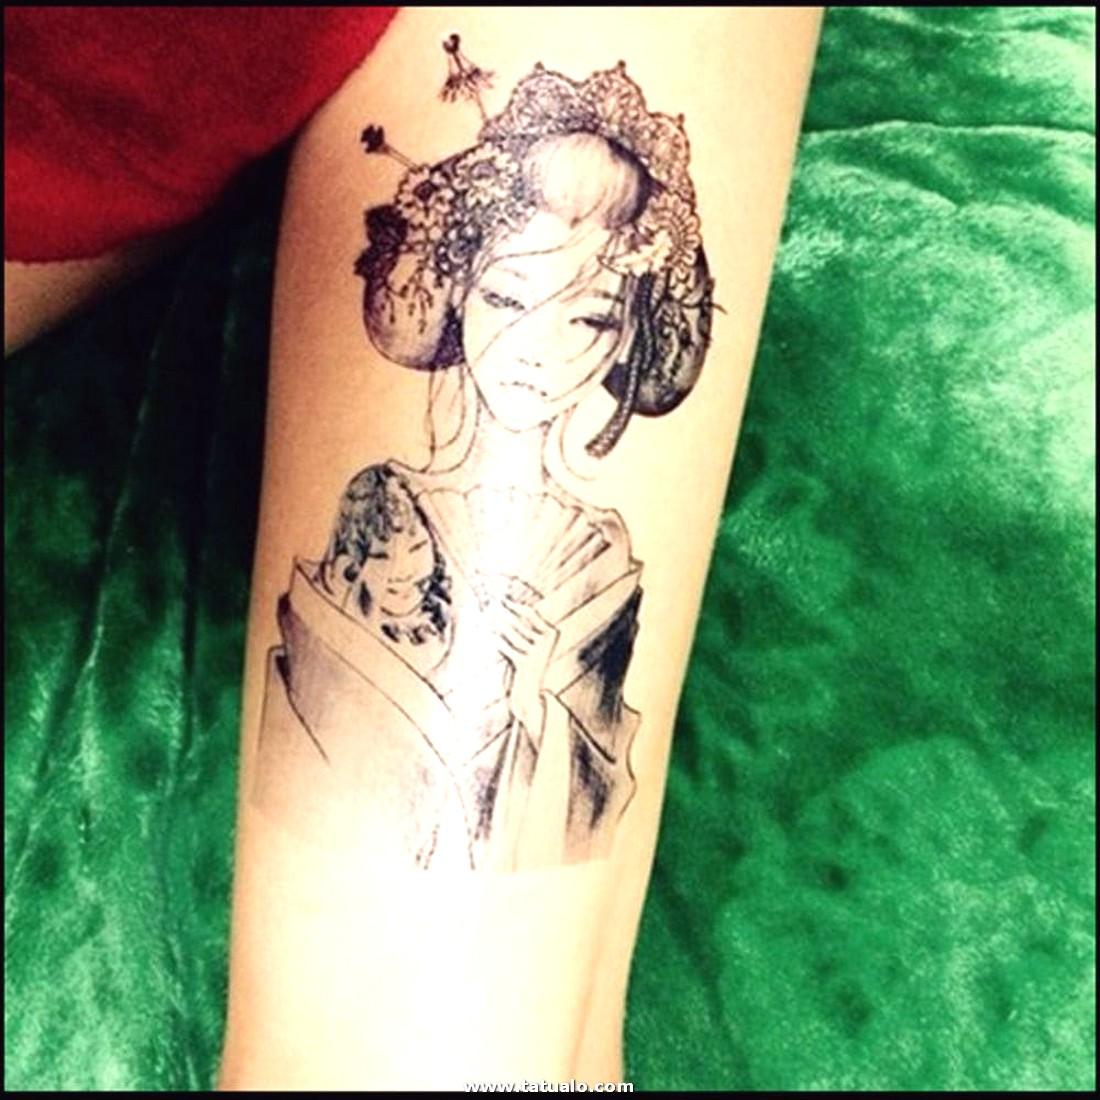 Tatuajes Para Mujeres En El Brazo 23dwq